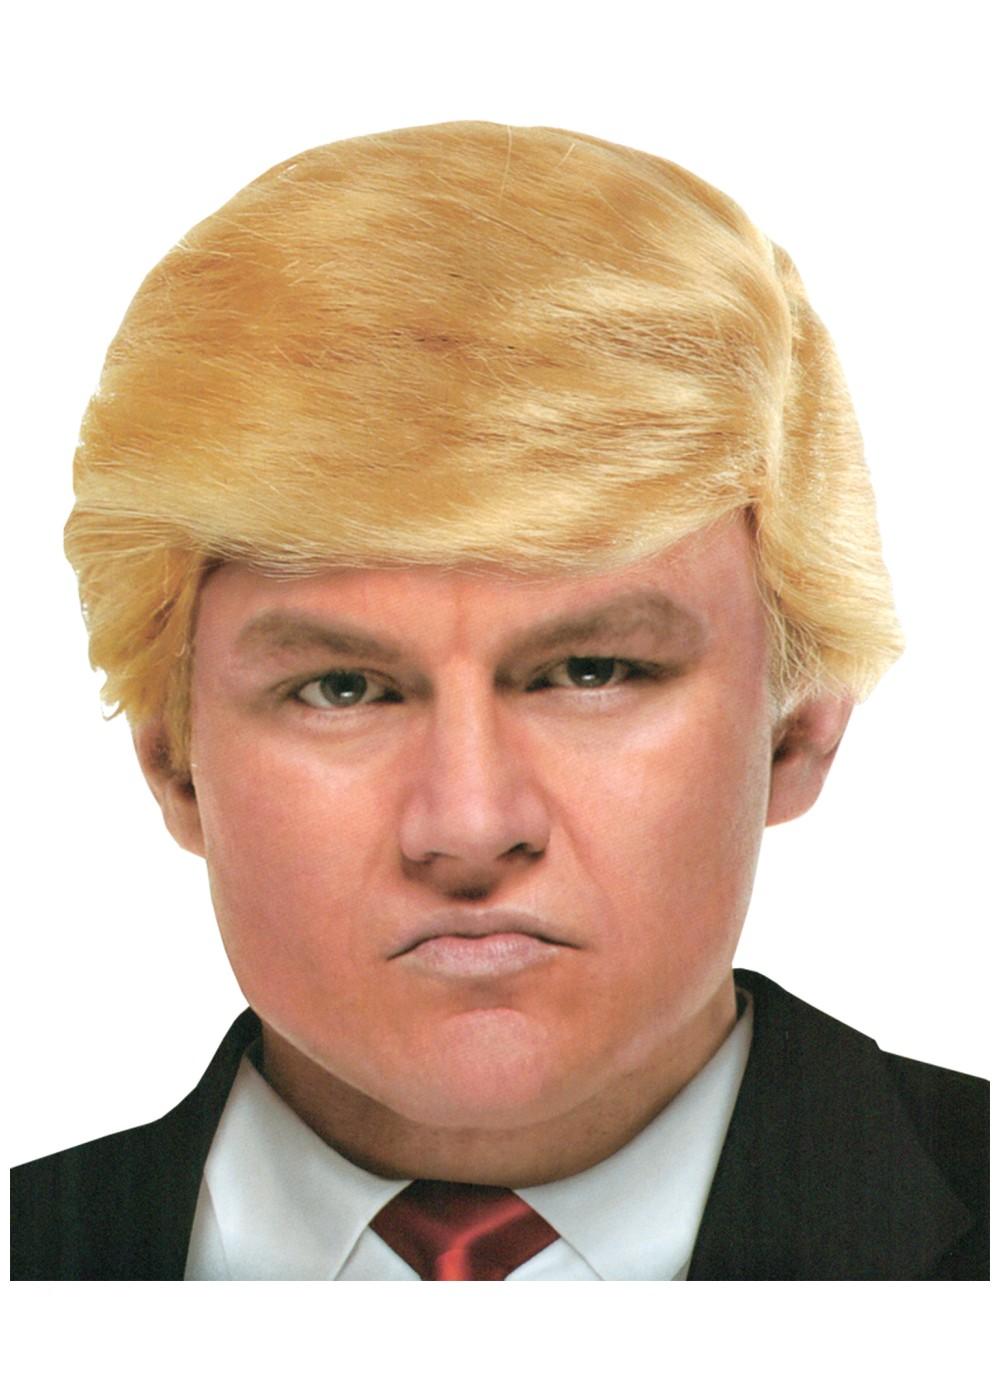 Billionaire Donald Trump Wig Wigs